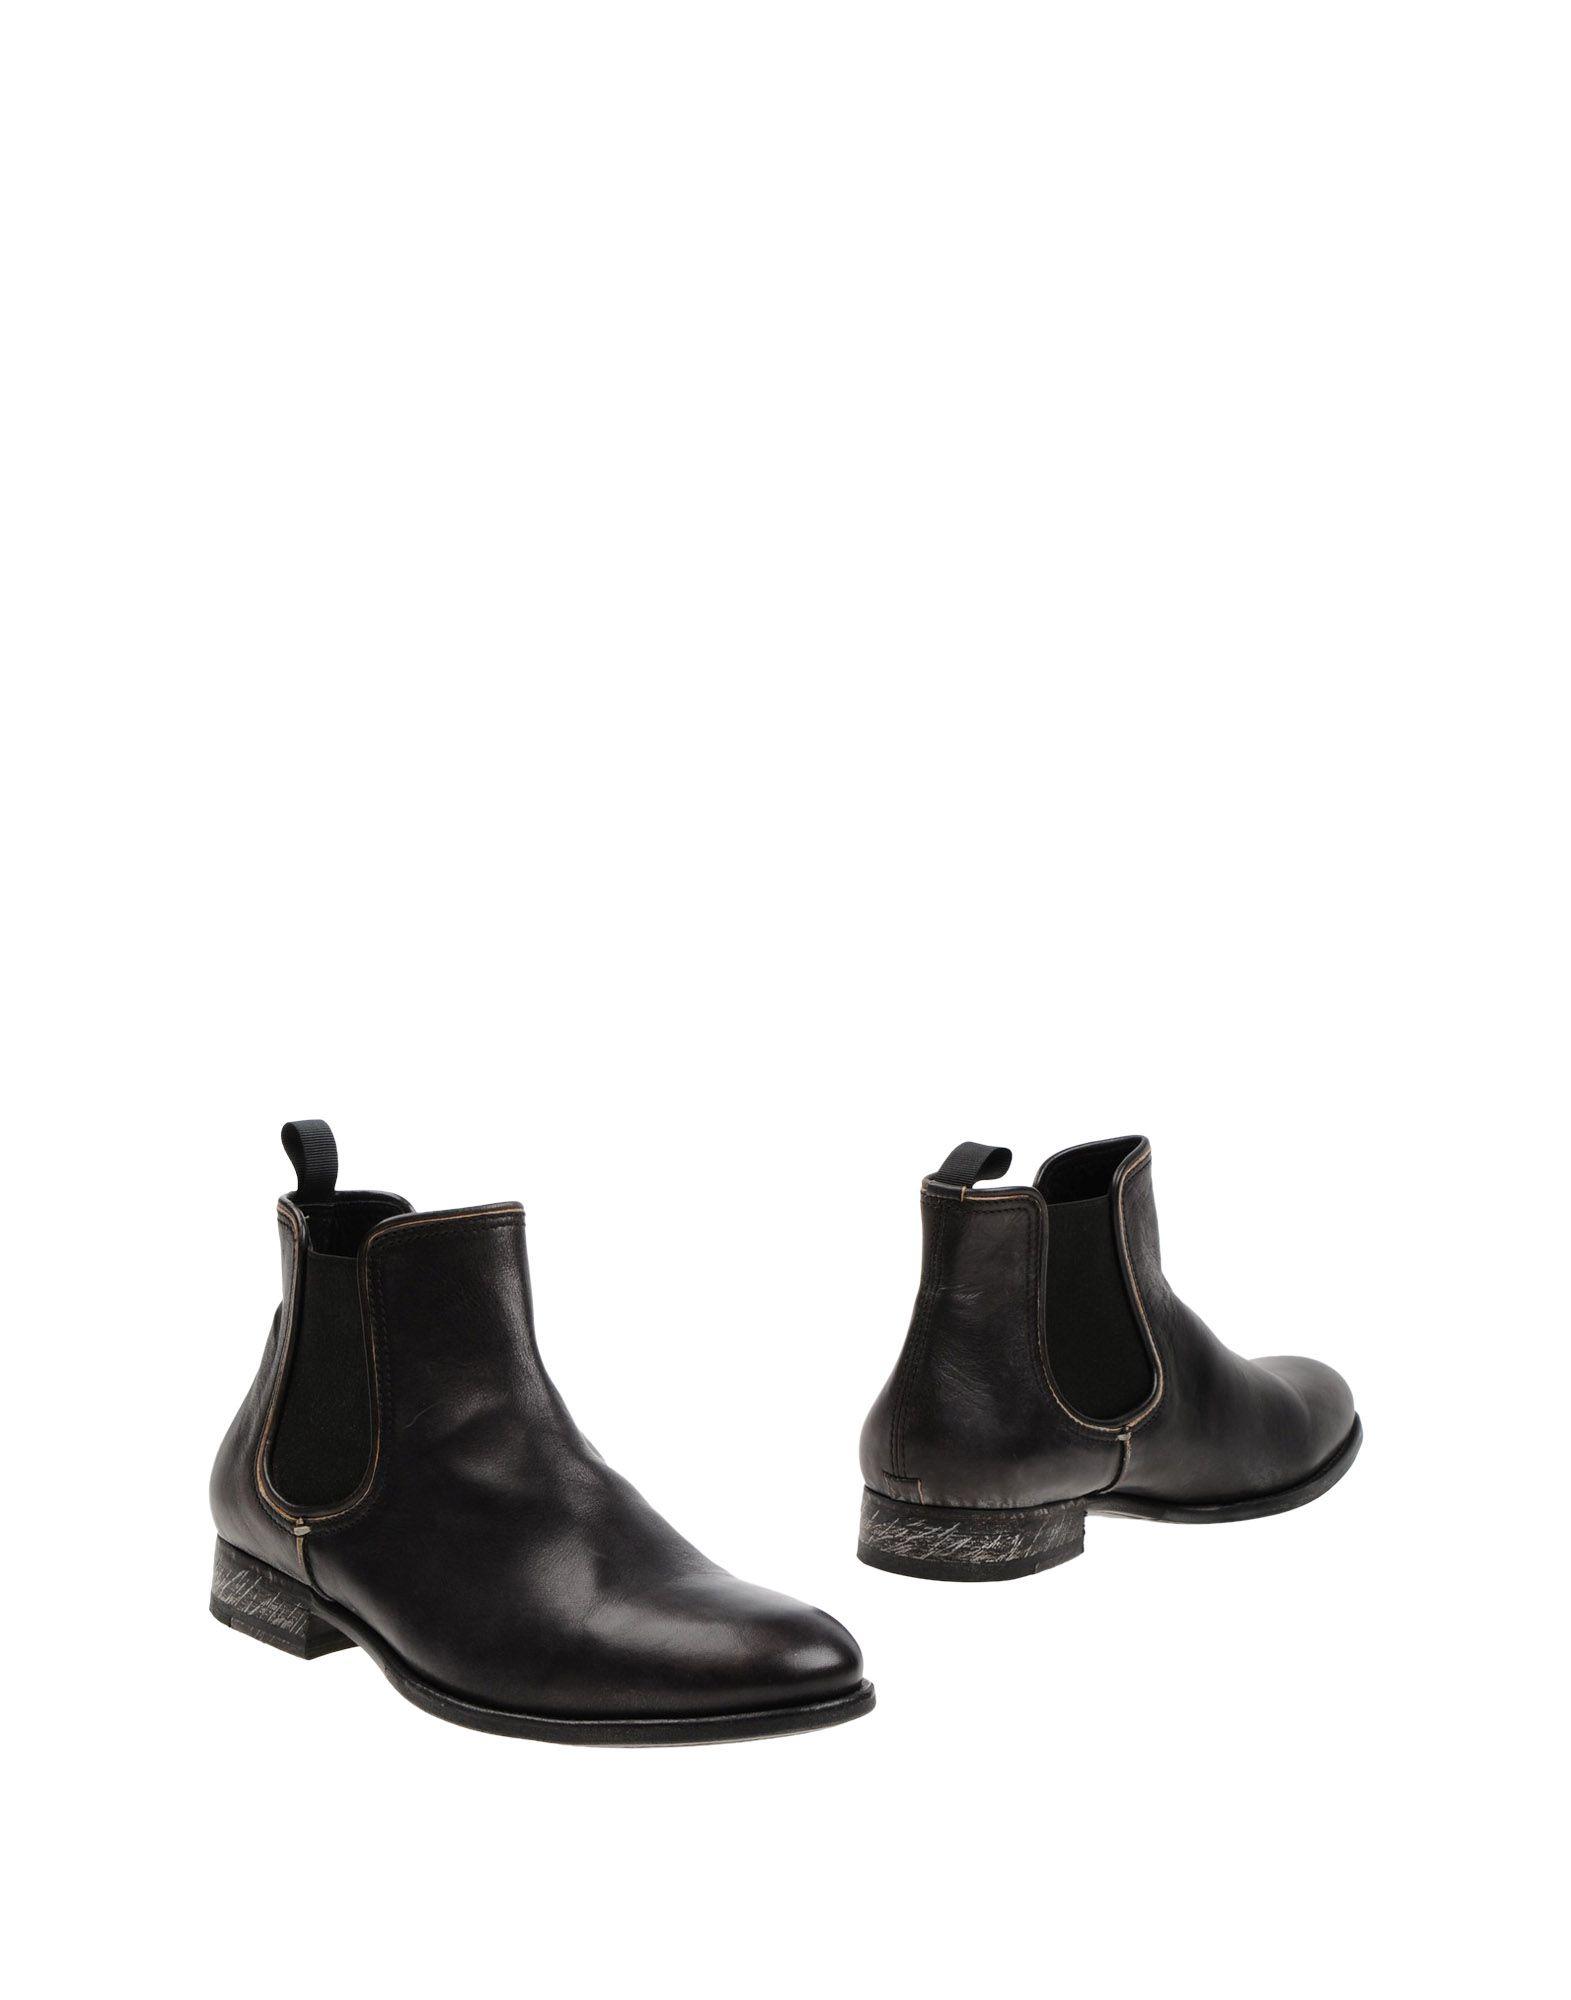 N.D.C. MADE BY HAND Полусапоги и высокие ботинки si by sinela полусапоги и высокие ботинки